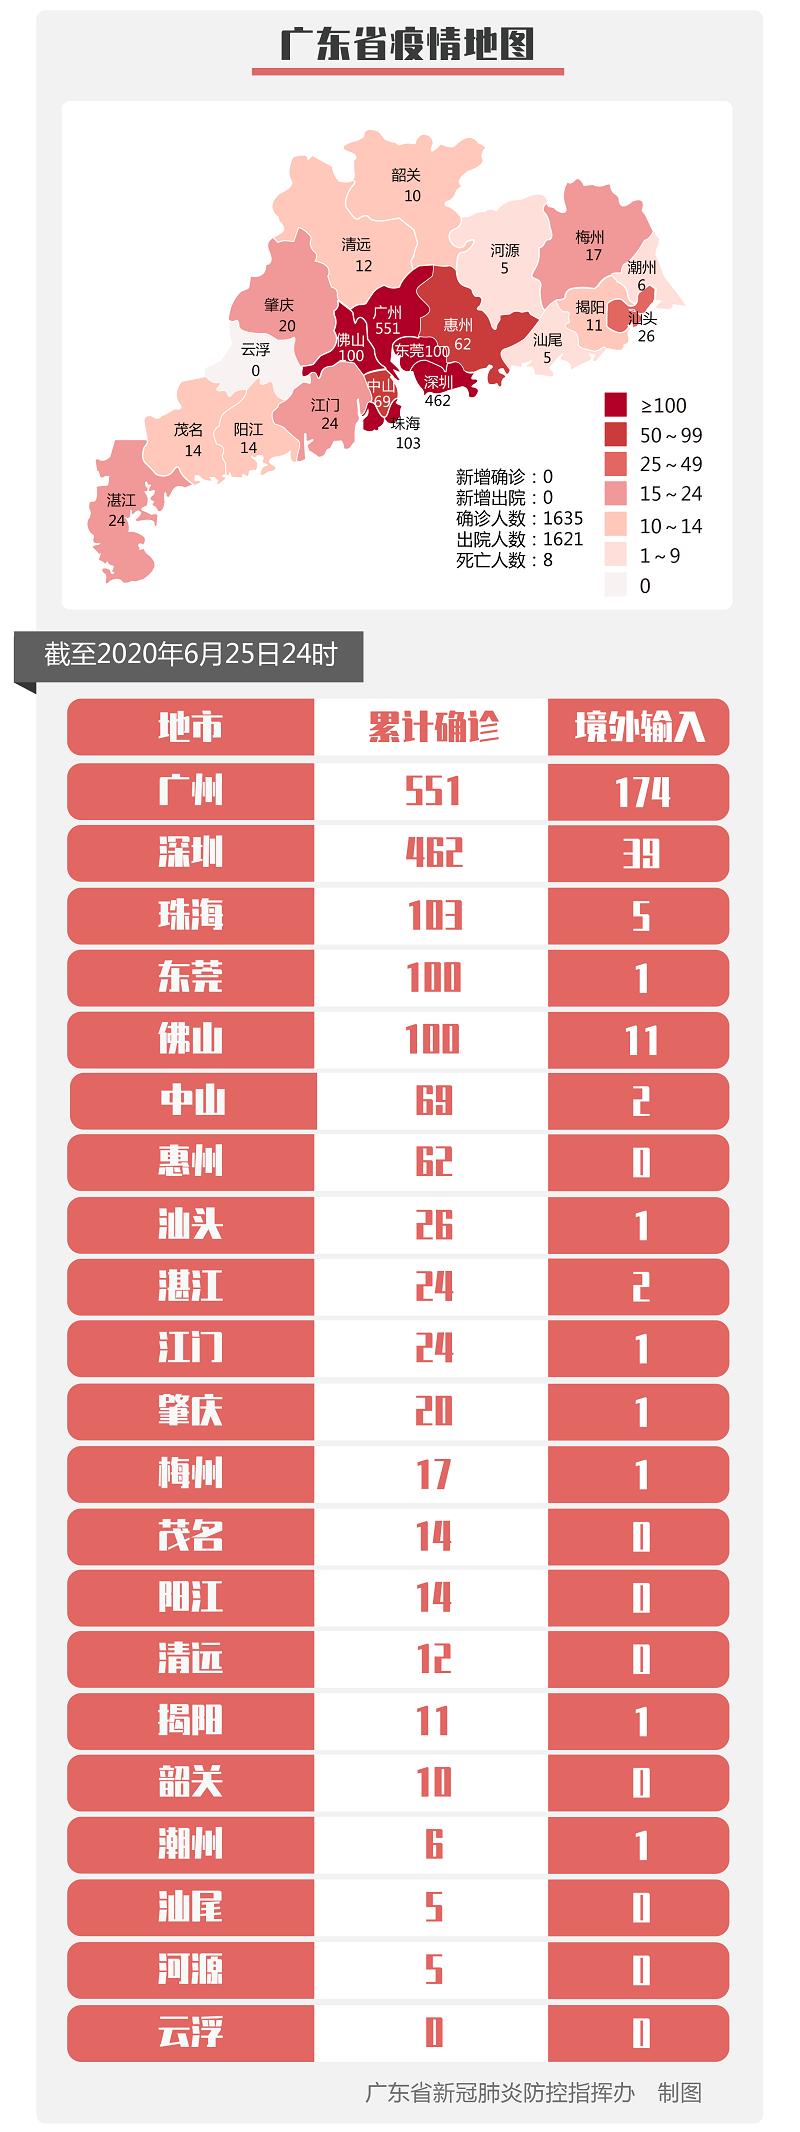 6月25日广东无新增确诊病例和无症状感染者